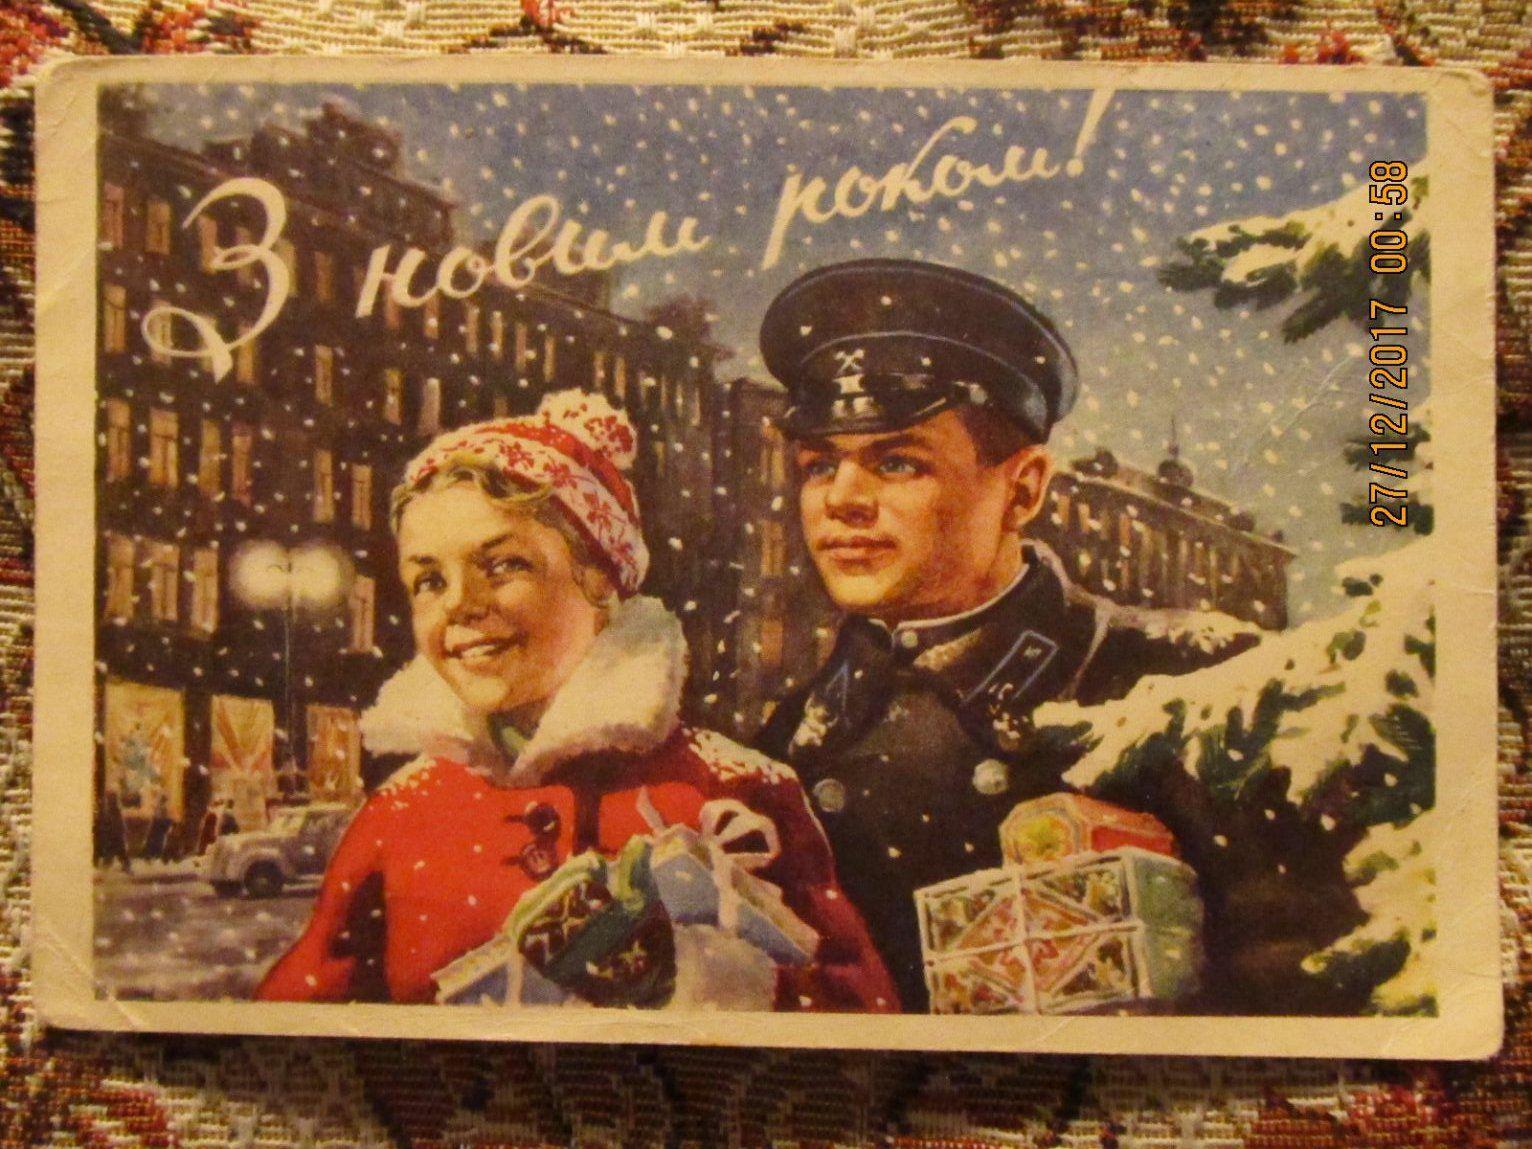 Рождественские открытки 40х годов, картинки добрым